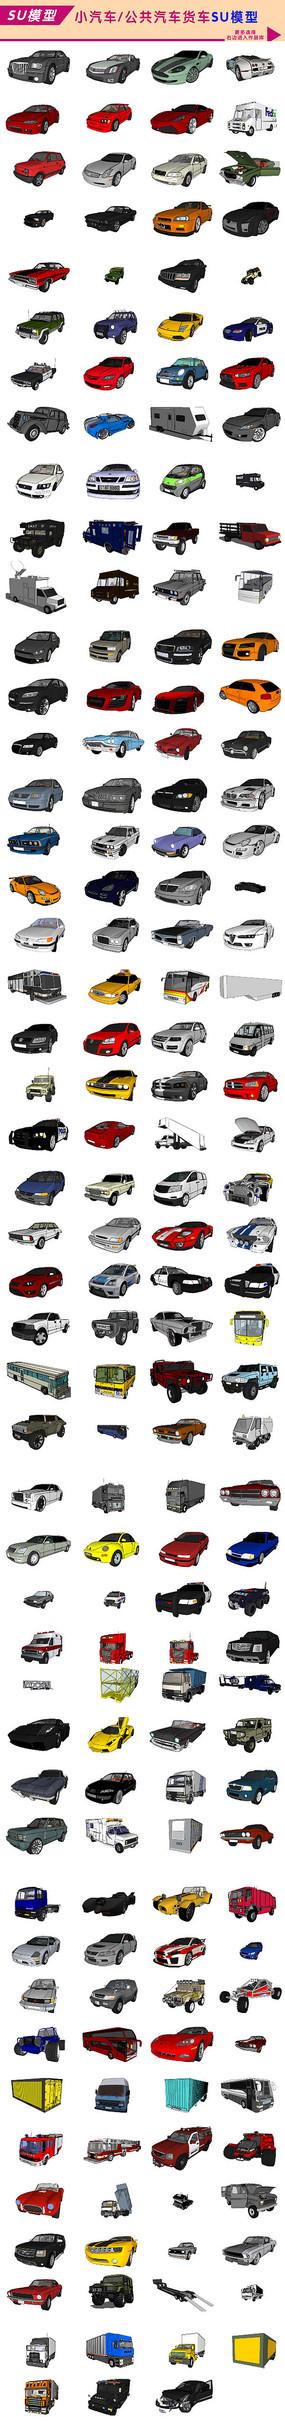 各种汽车交通工具SU模型 skp